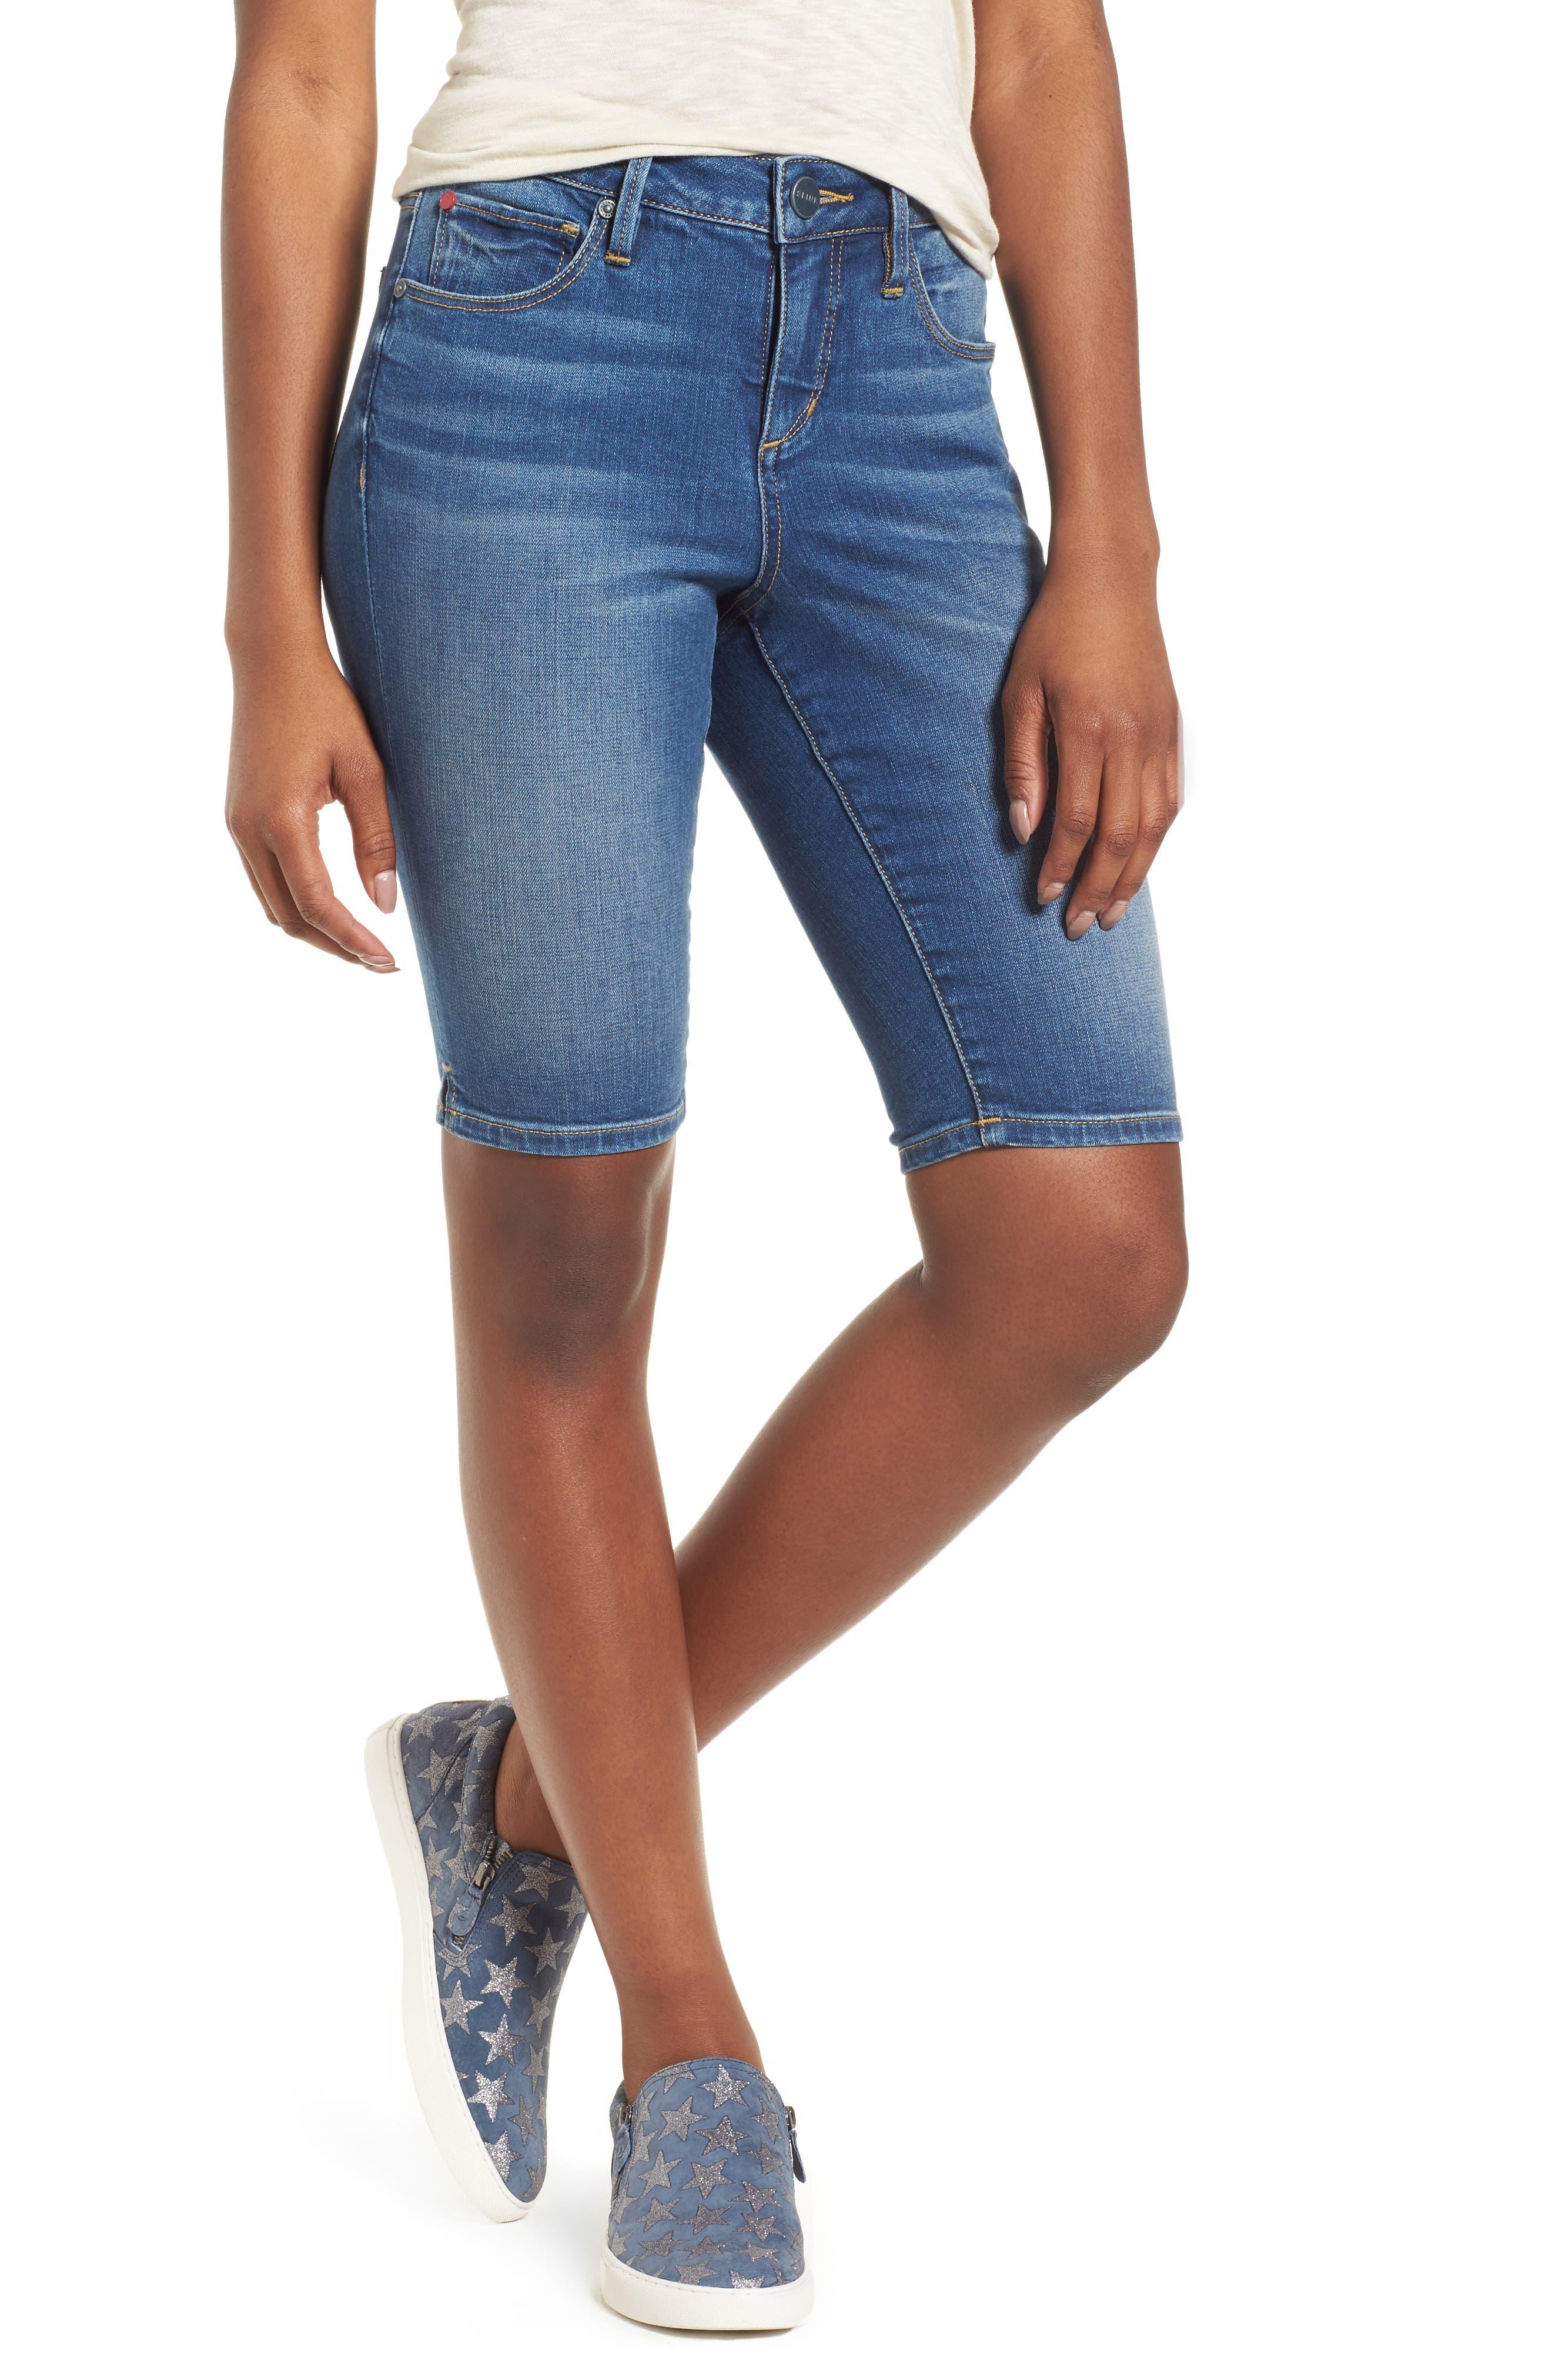 Bermuda Shorts,                         Main,                         color, BIRDY